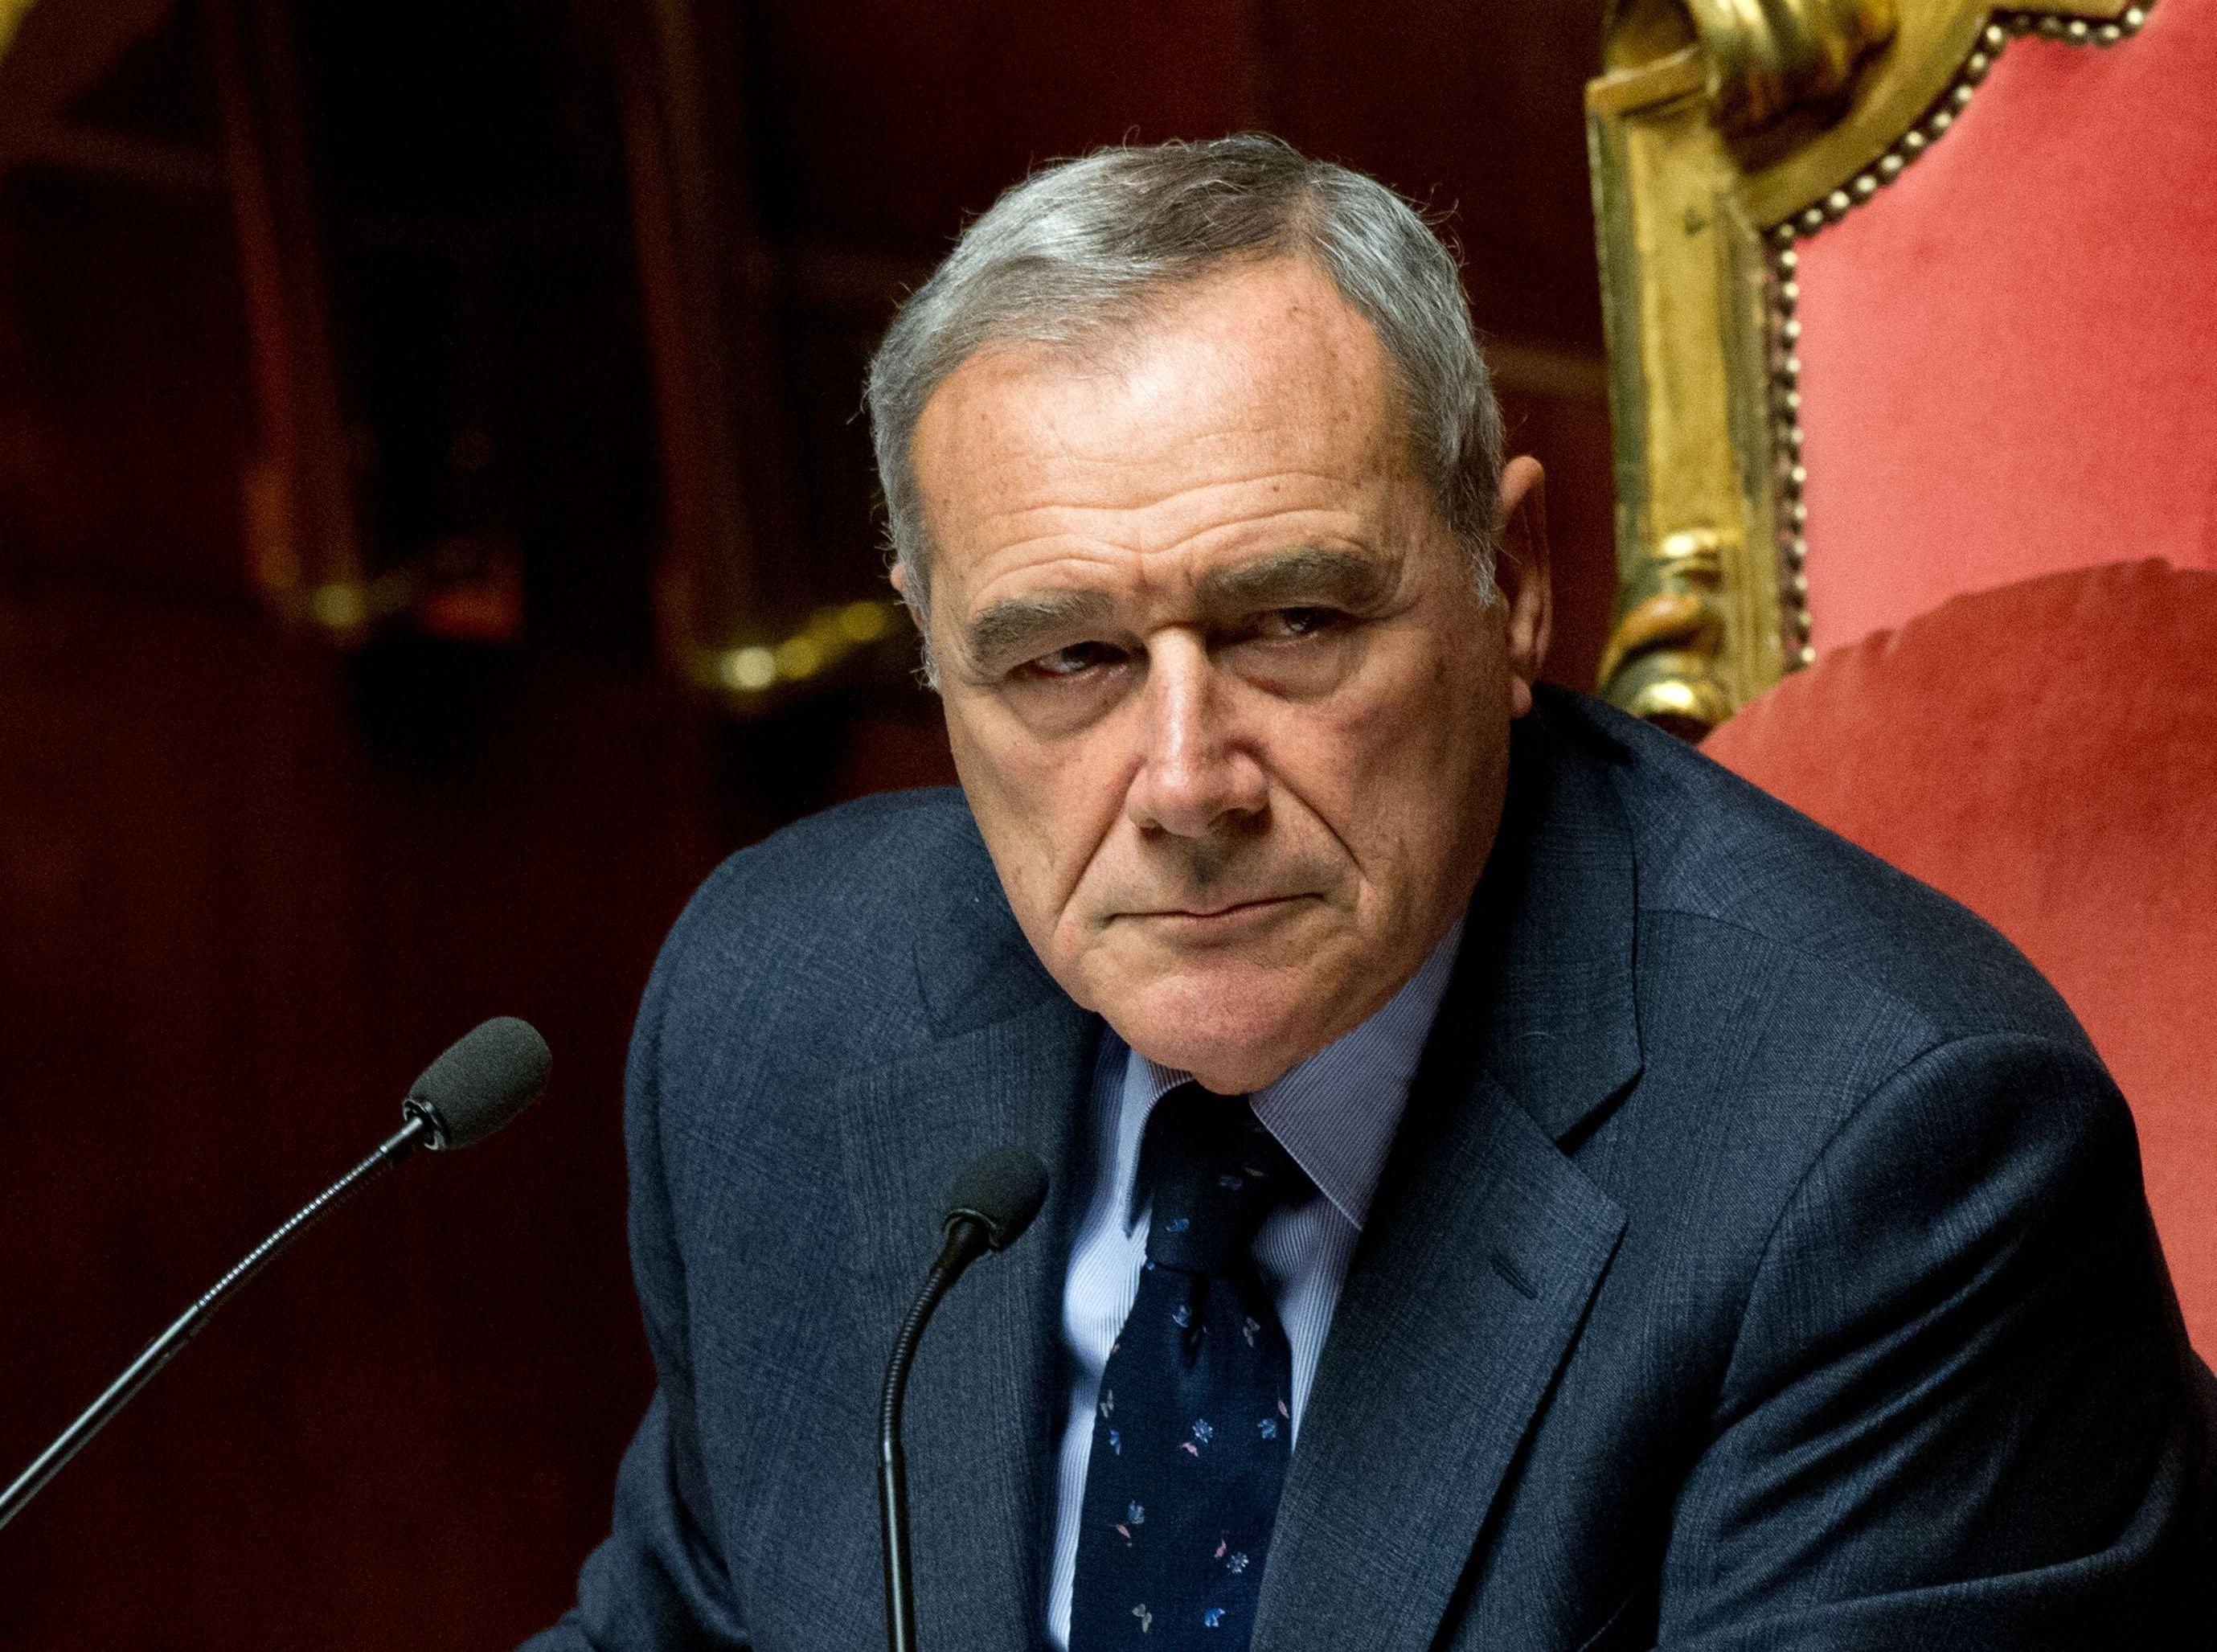 Consiglio di presidenza del Senato: sanzioni per D'Anna, Barani, Airola, Castaldi